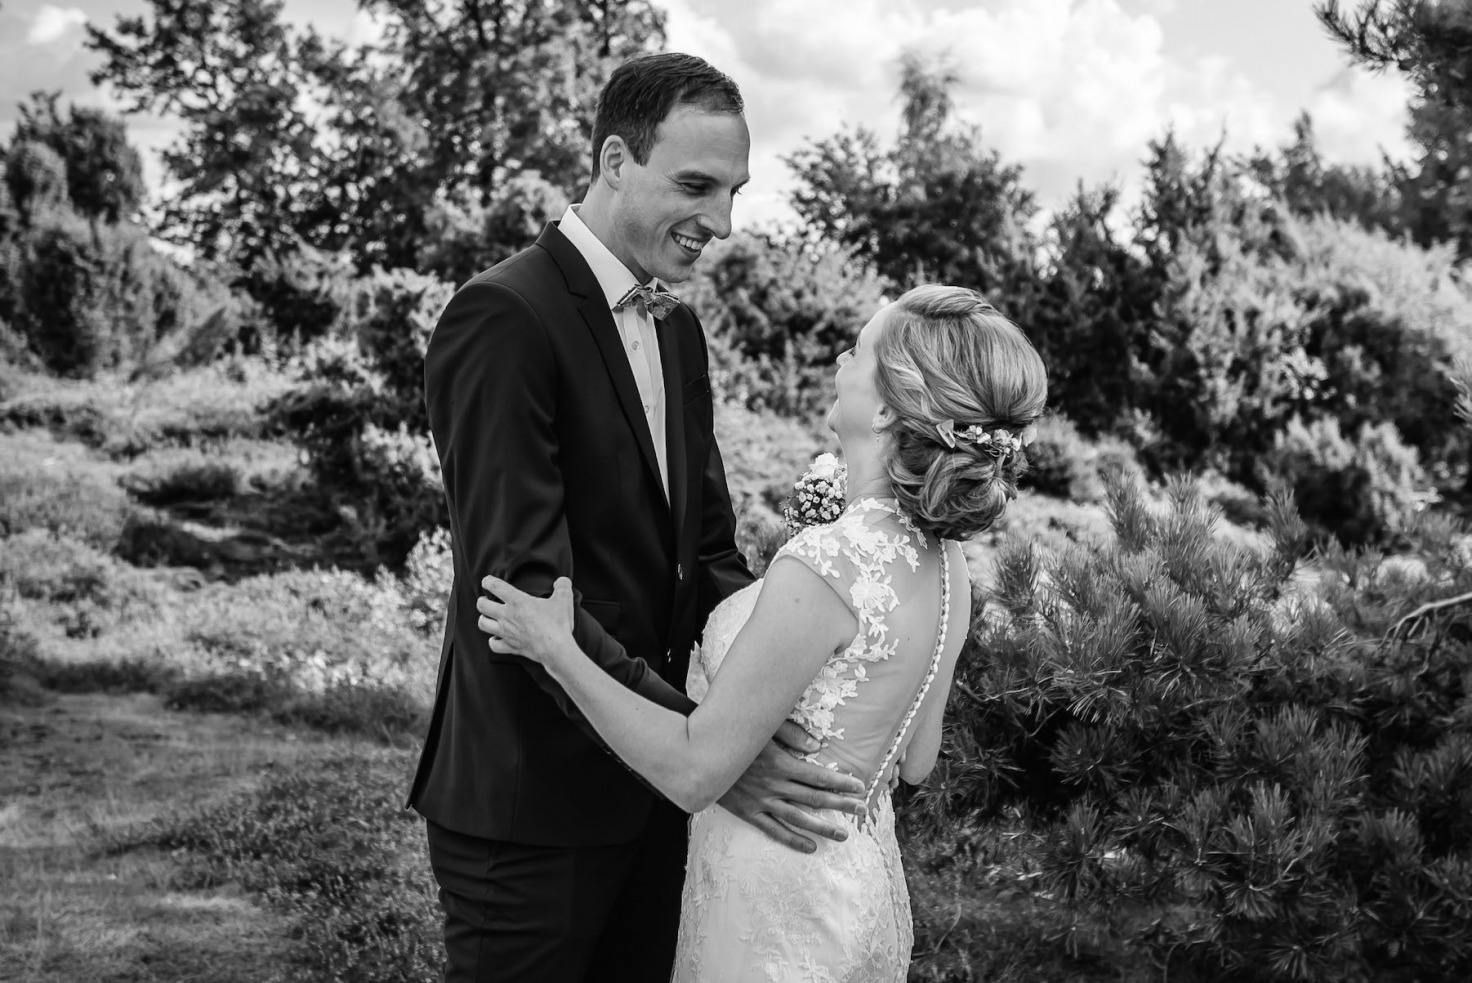 Hochzeit von Sabrina und Michael in Münster: Brautpaar lächelt sich an